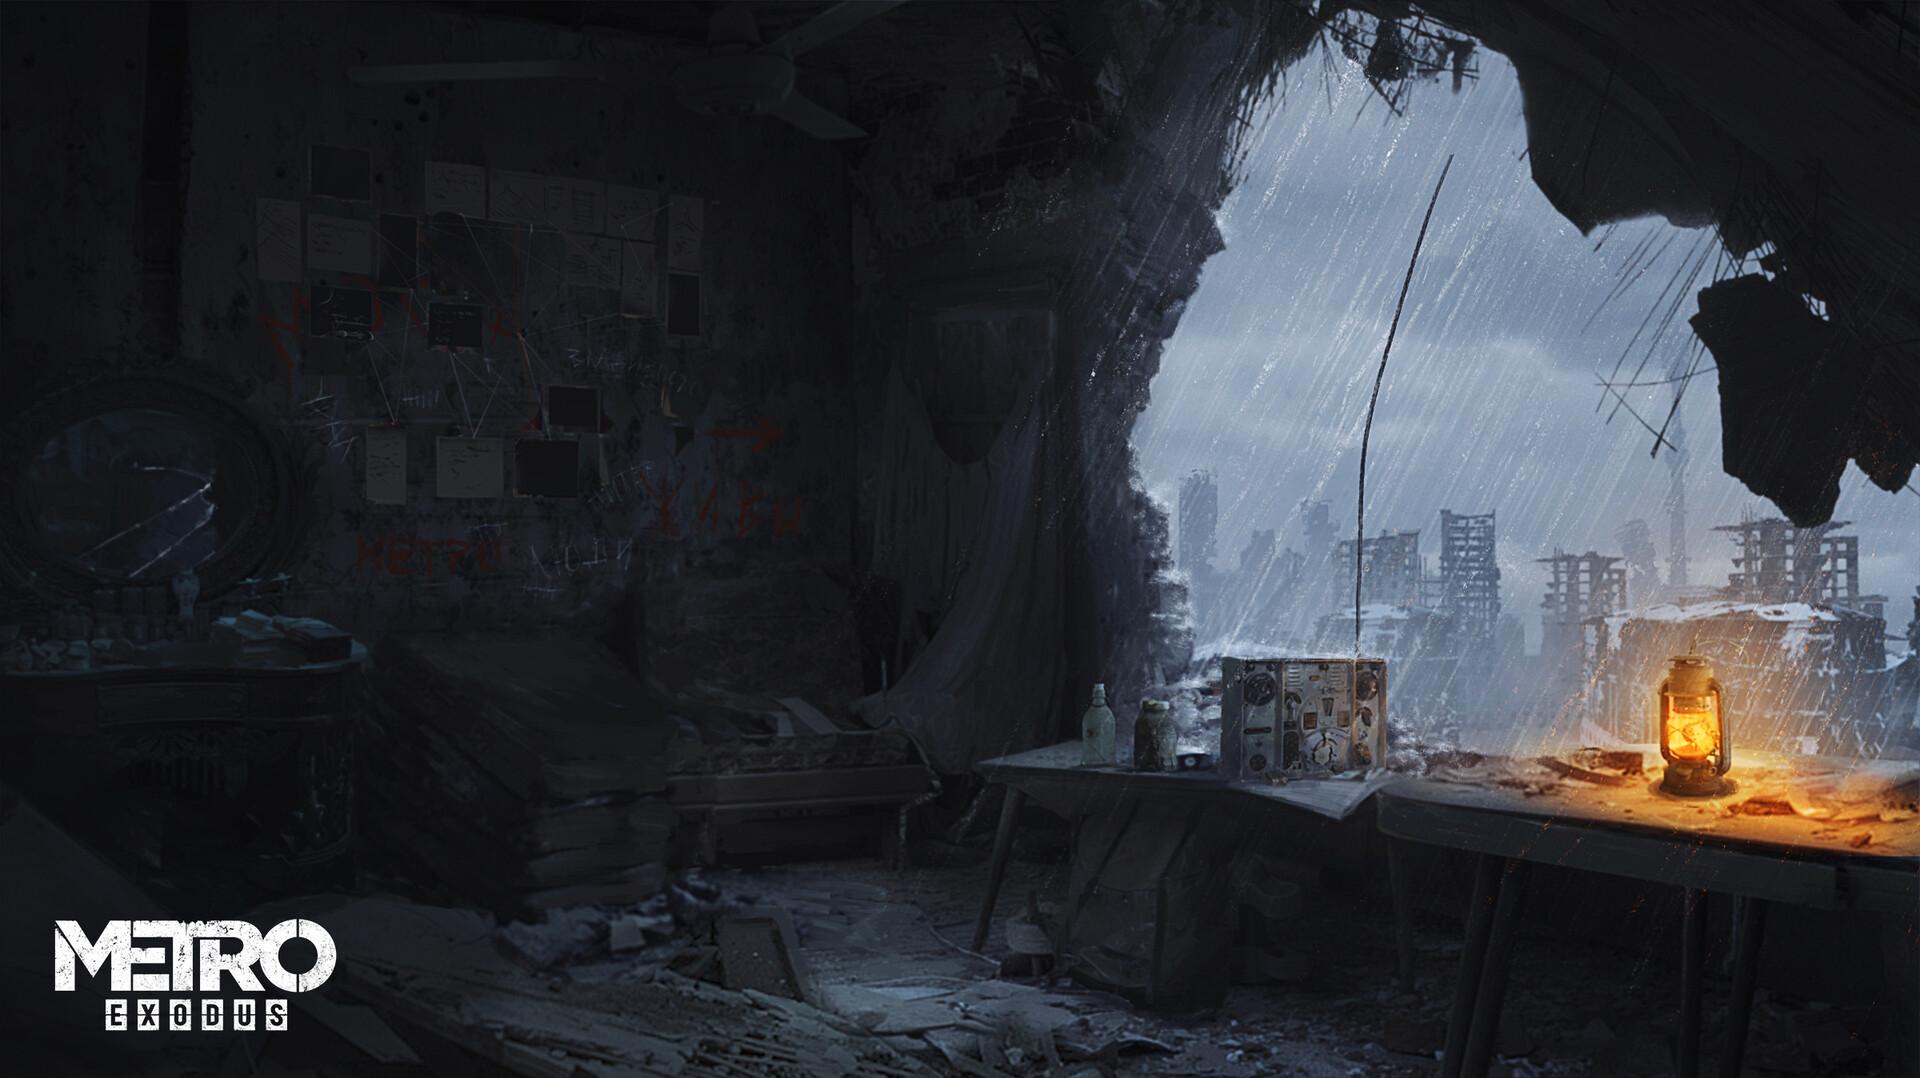 Rostyslav zagornov apartment